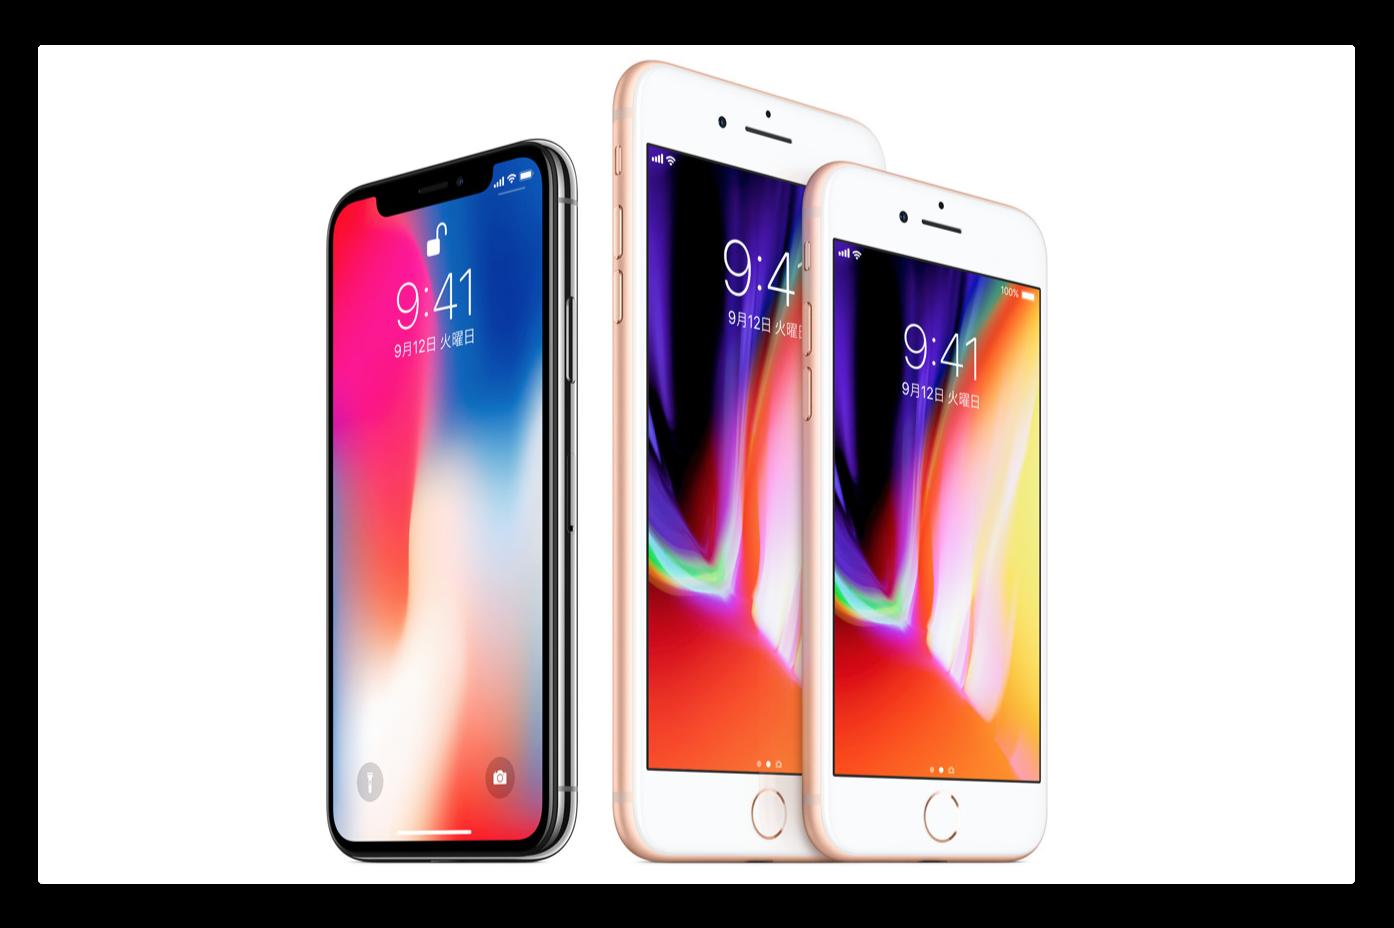 iPhone 8/8 Plus、iPhone Xは、バッテリパフォーマンス管理の影響を受け難い